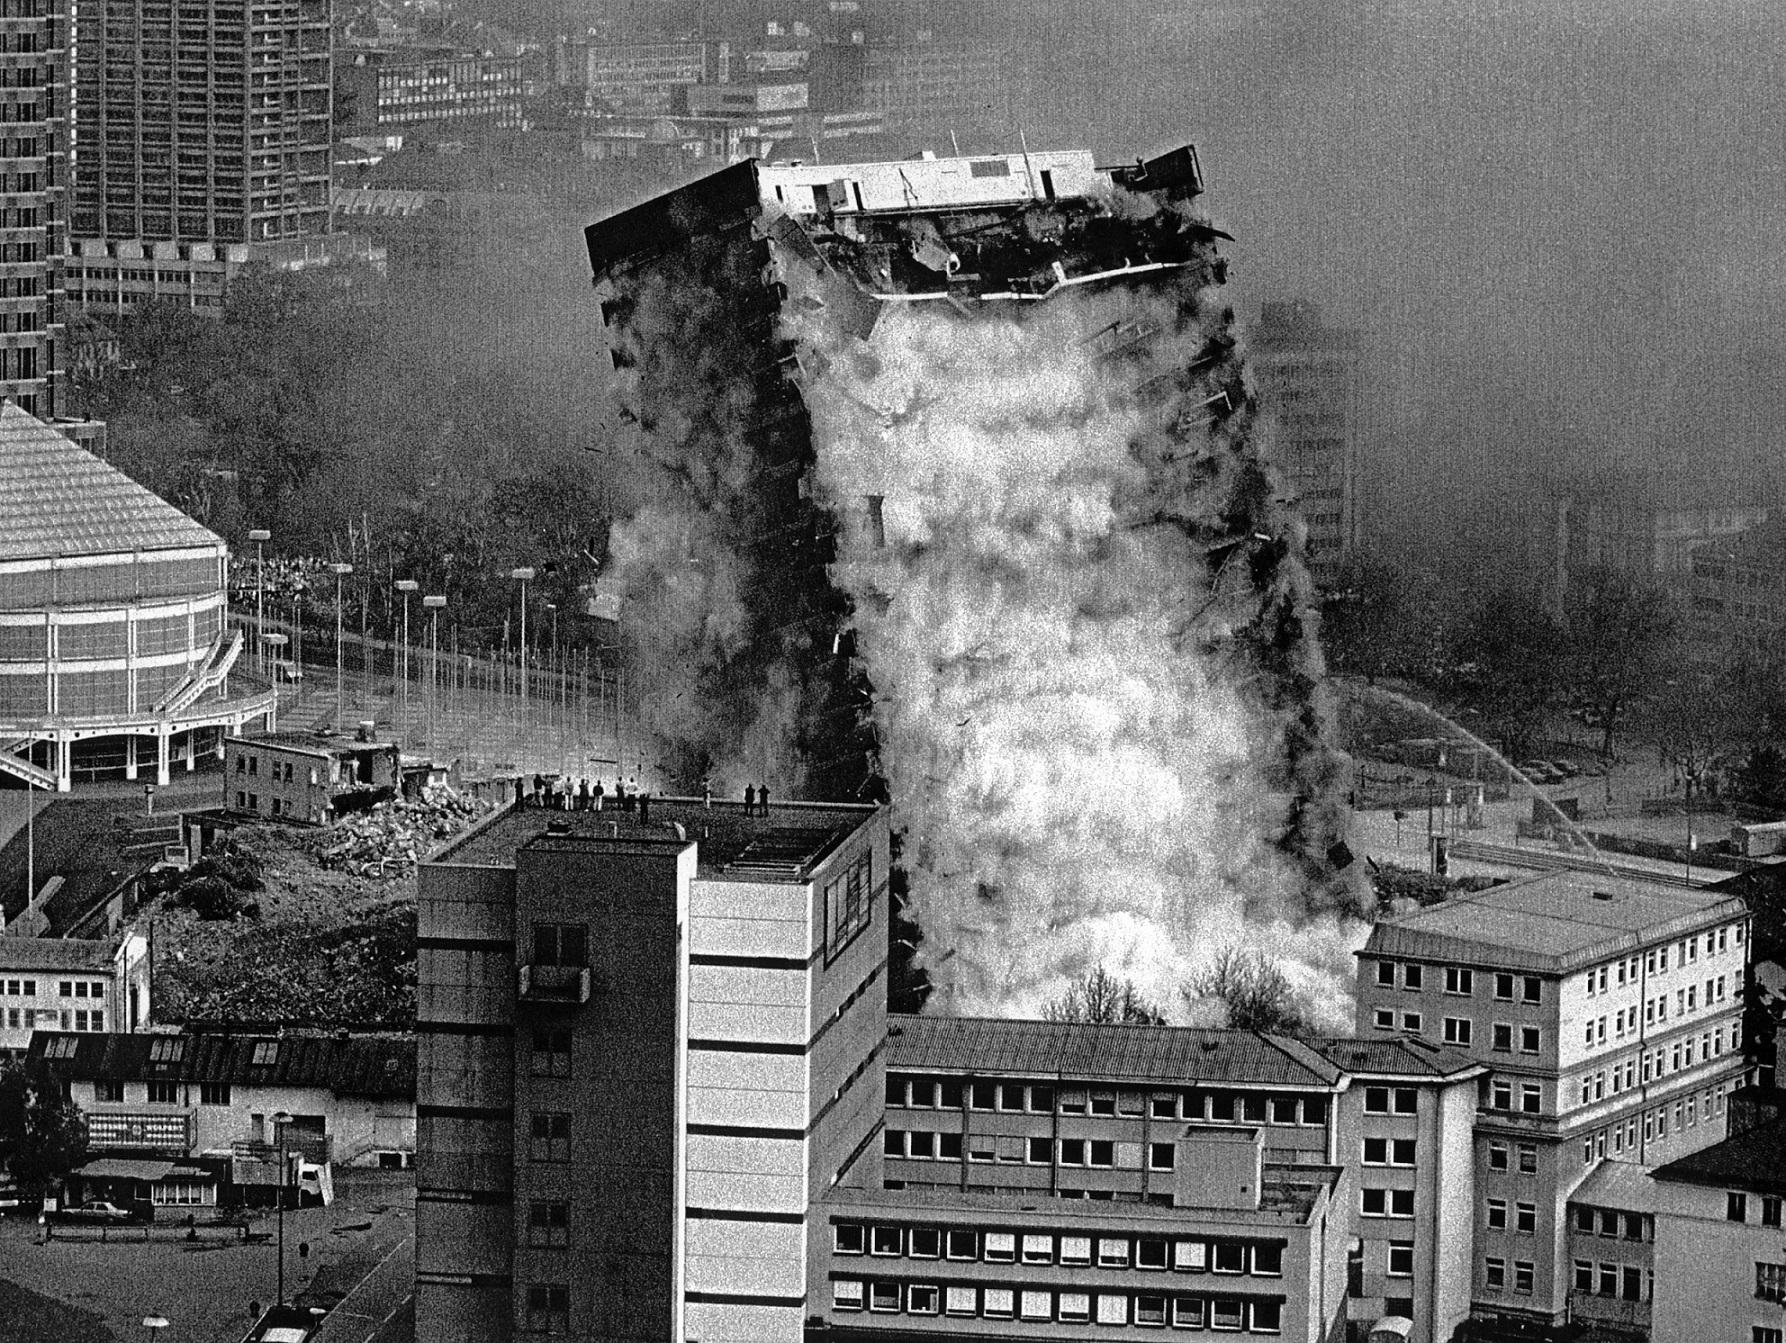 """גרמניה - פיצוץ מבוקר, 1996 (פרט ממיצג; מוצג בתערוכת הווה מתמשך: חדש באמנות עכשווית"""" במוזיאון ישראל) 🖼️ © יוליאן רוזפלדט ופיירו שטיינלה"""